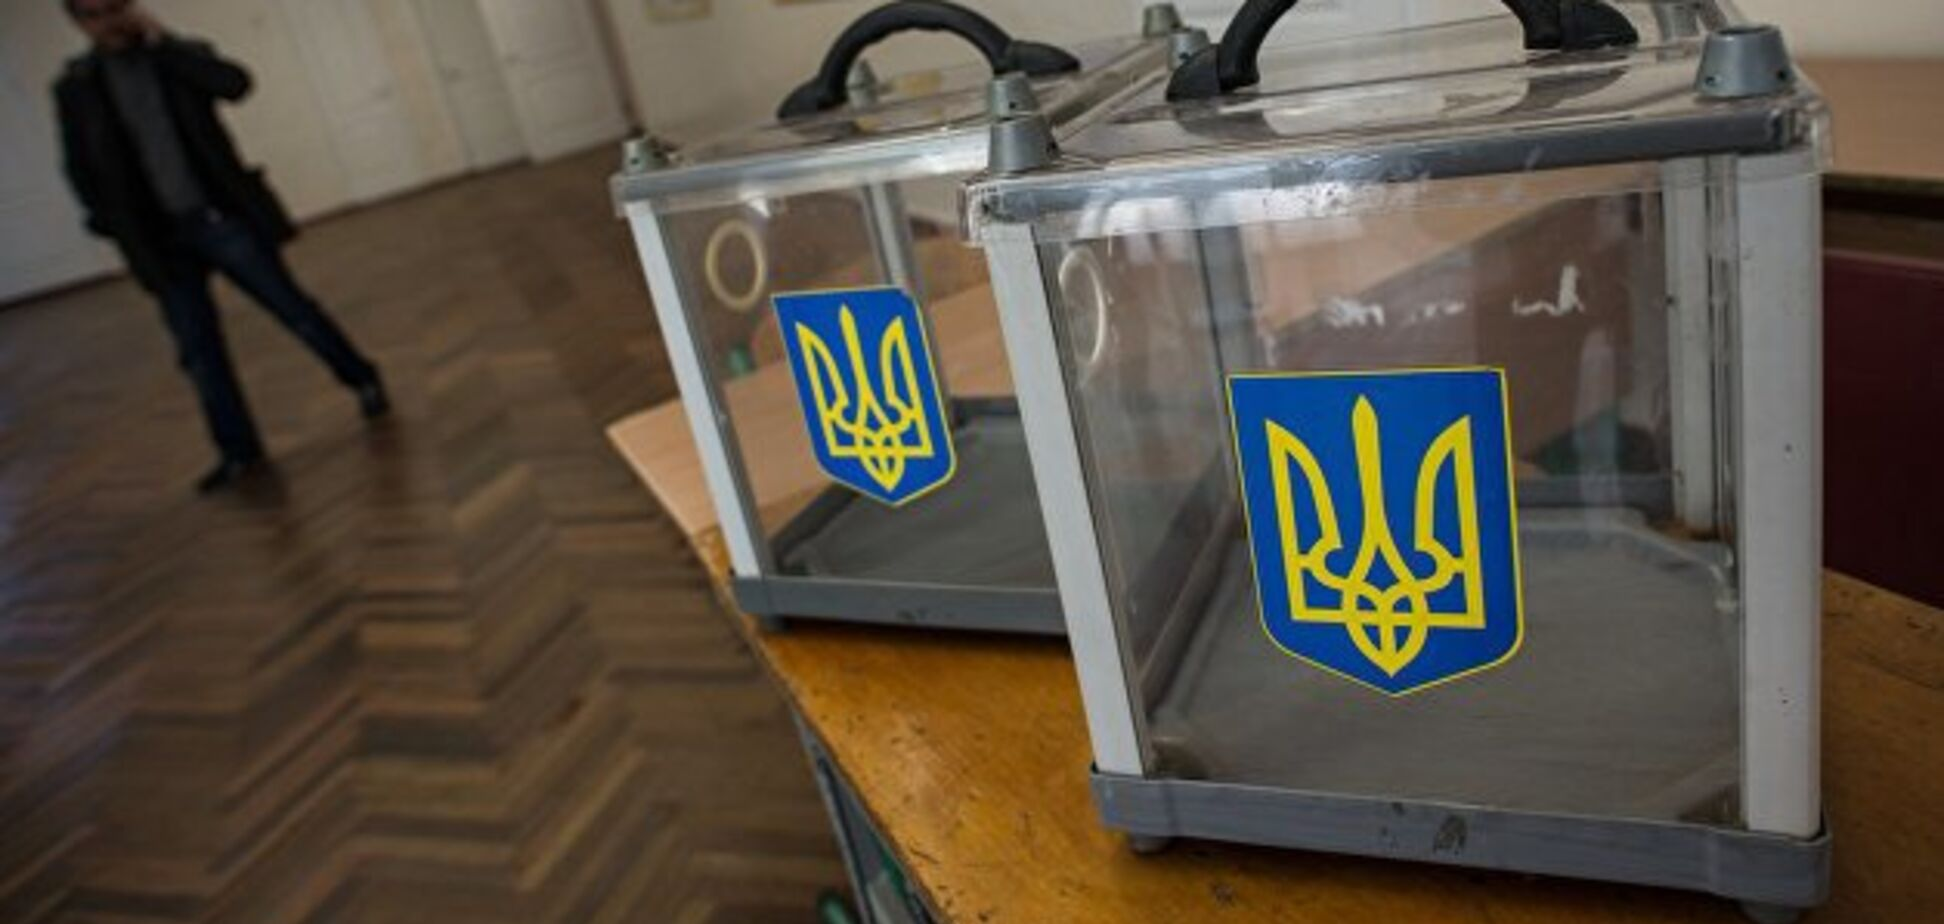 Німеччина заступилася за Росію через вибори в Україні: в чому річ